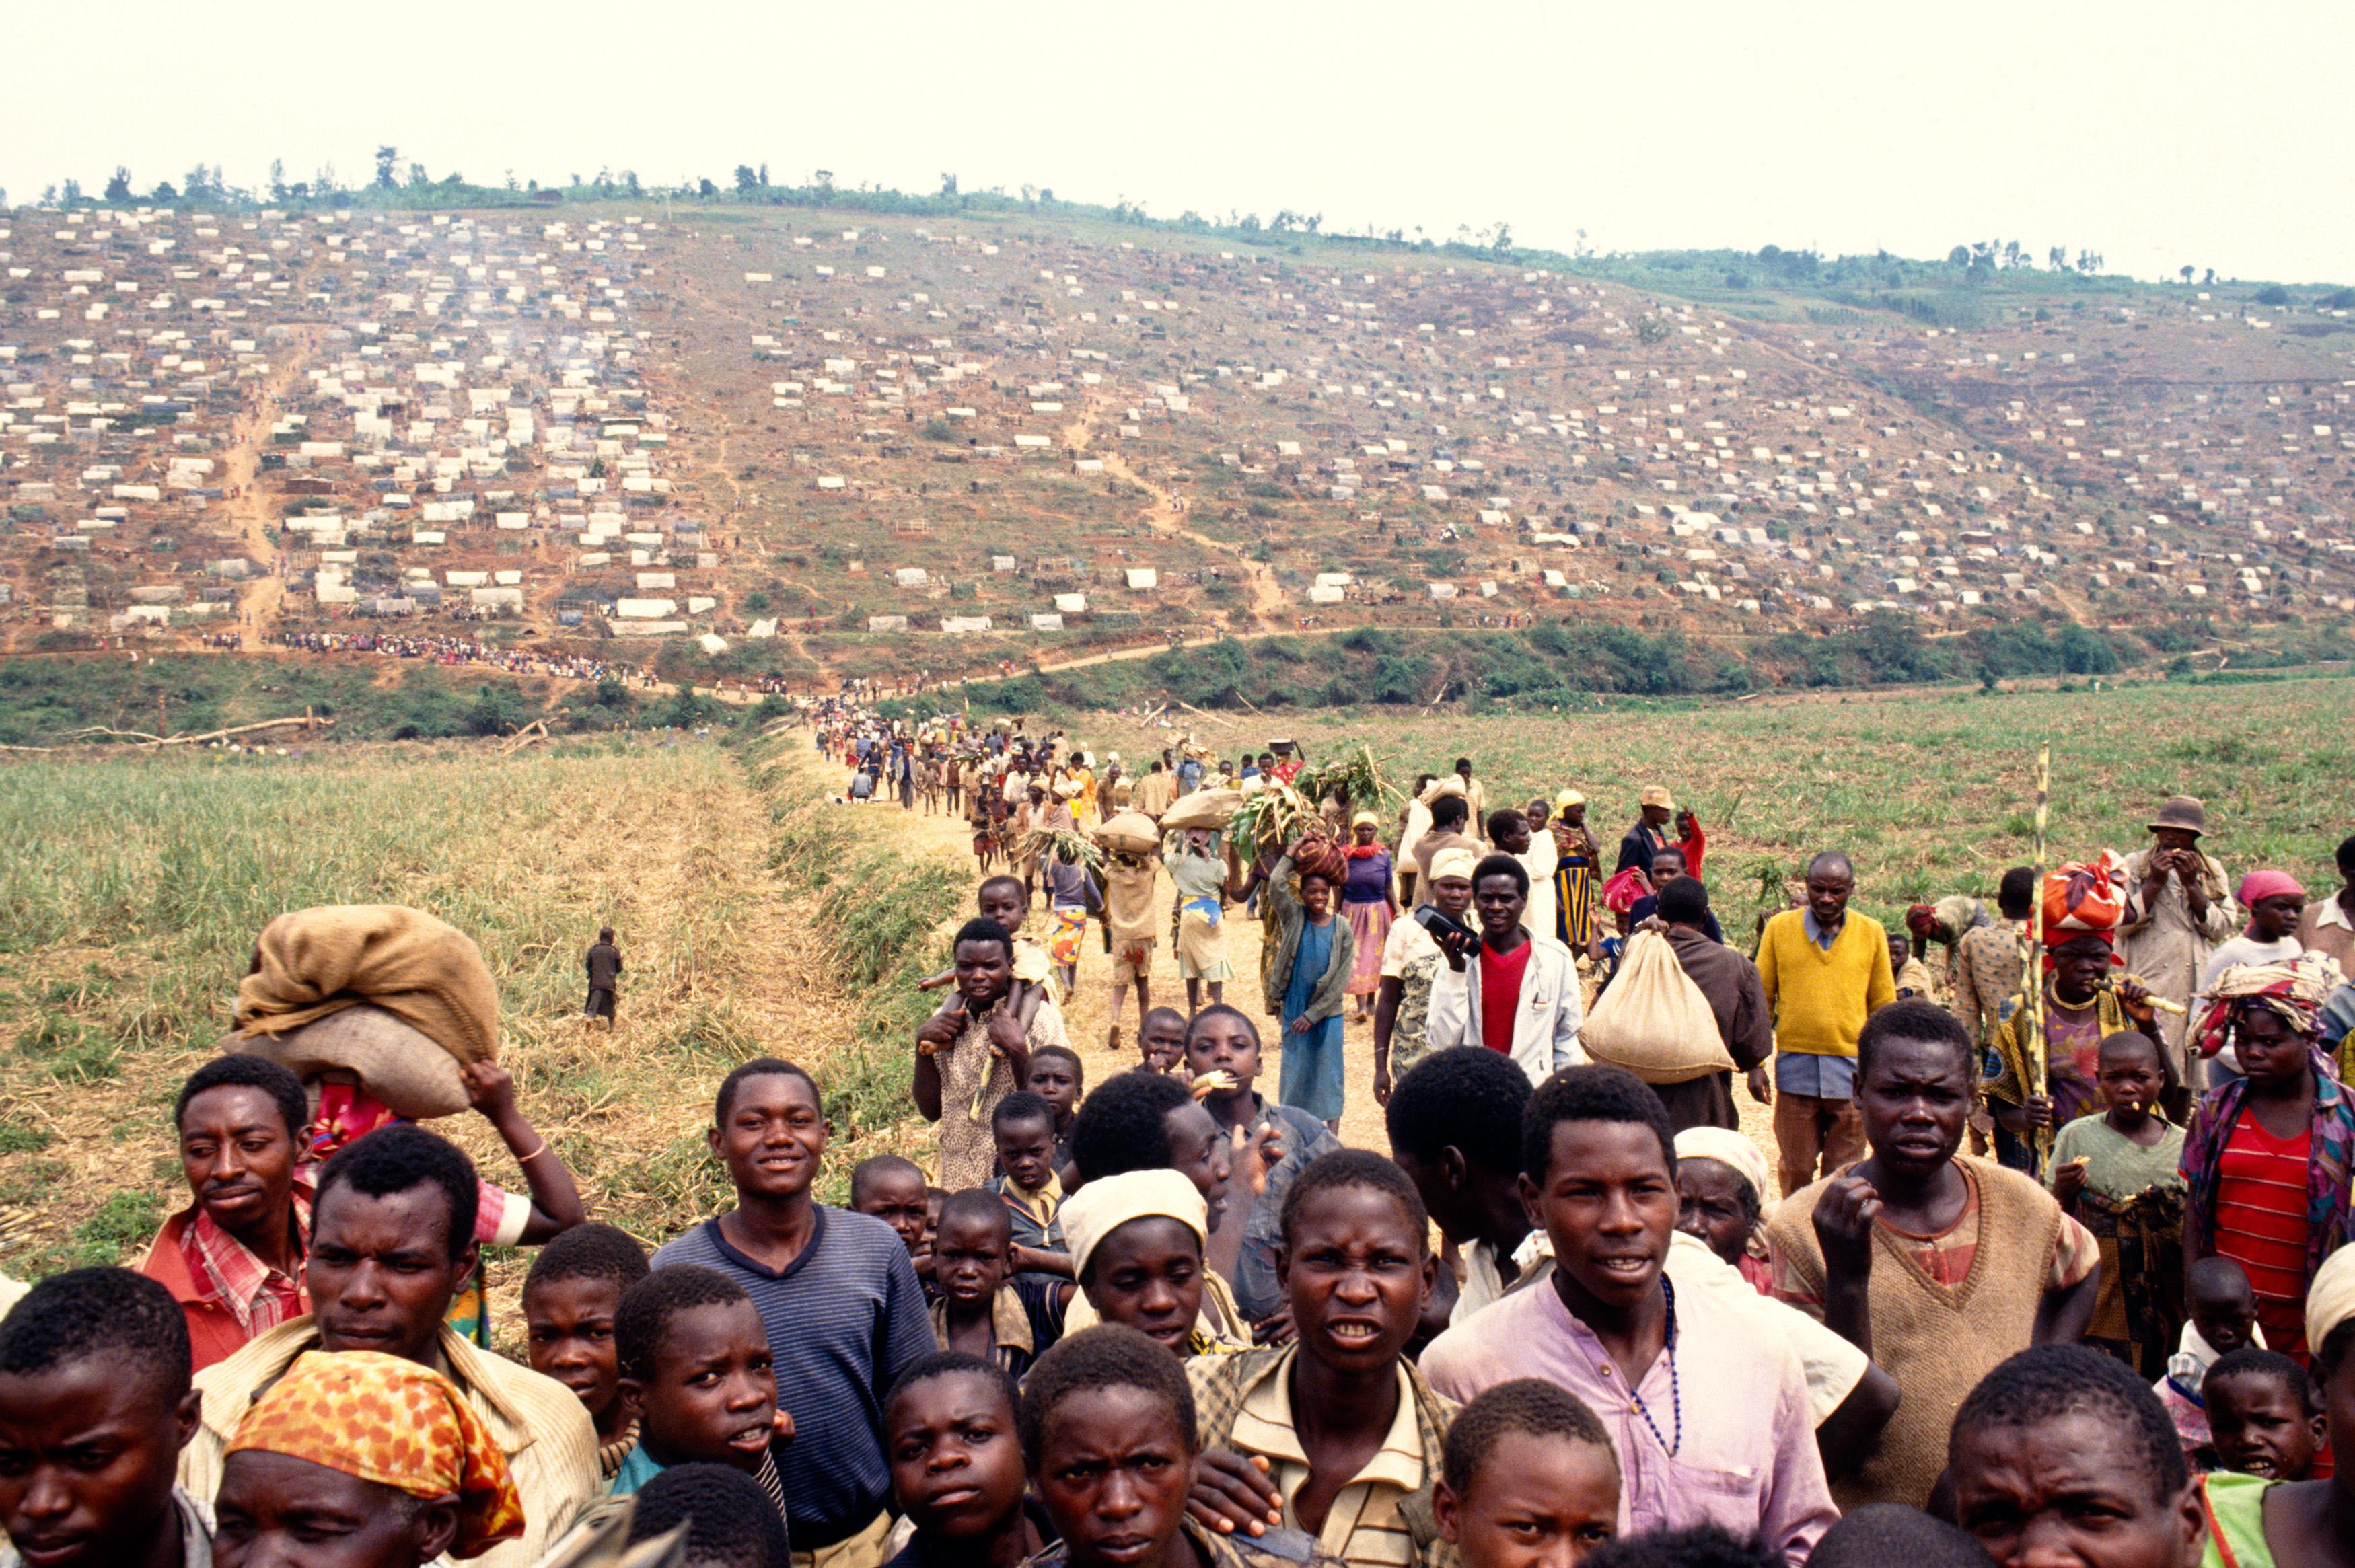 Nyacyonga. Camp de personnes déplacées. En une semaine, environ 30'000 personnes fuyant les combats, trouvent refuge dans et aux alentours du camp. Nyacyonga. Internaly displaced persons camp. In a week, about 30'000 personnes fleeing fights, find refuge in or around the camp. La famine menace environ un million de personnes déplacées, il faut au minimum 13'000 tonnes de vivres par mois pour les nourrir. Leur santé est gravement menacée par des conditions de vie très précaires (manque d'hygiène, promiscuité, sous-alimentation...)